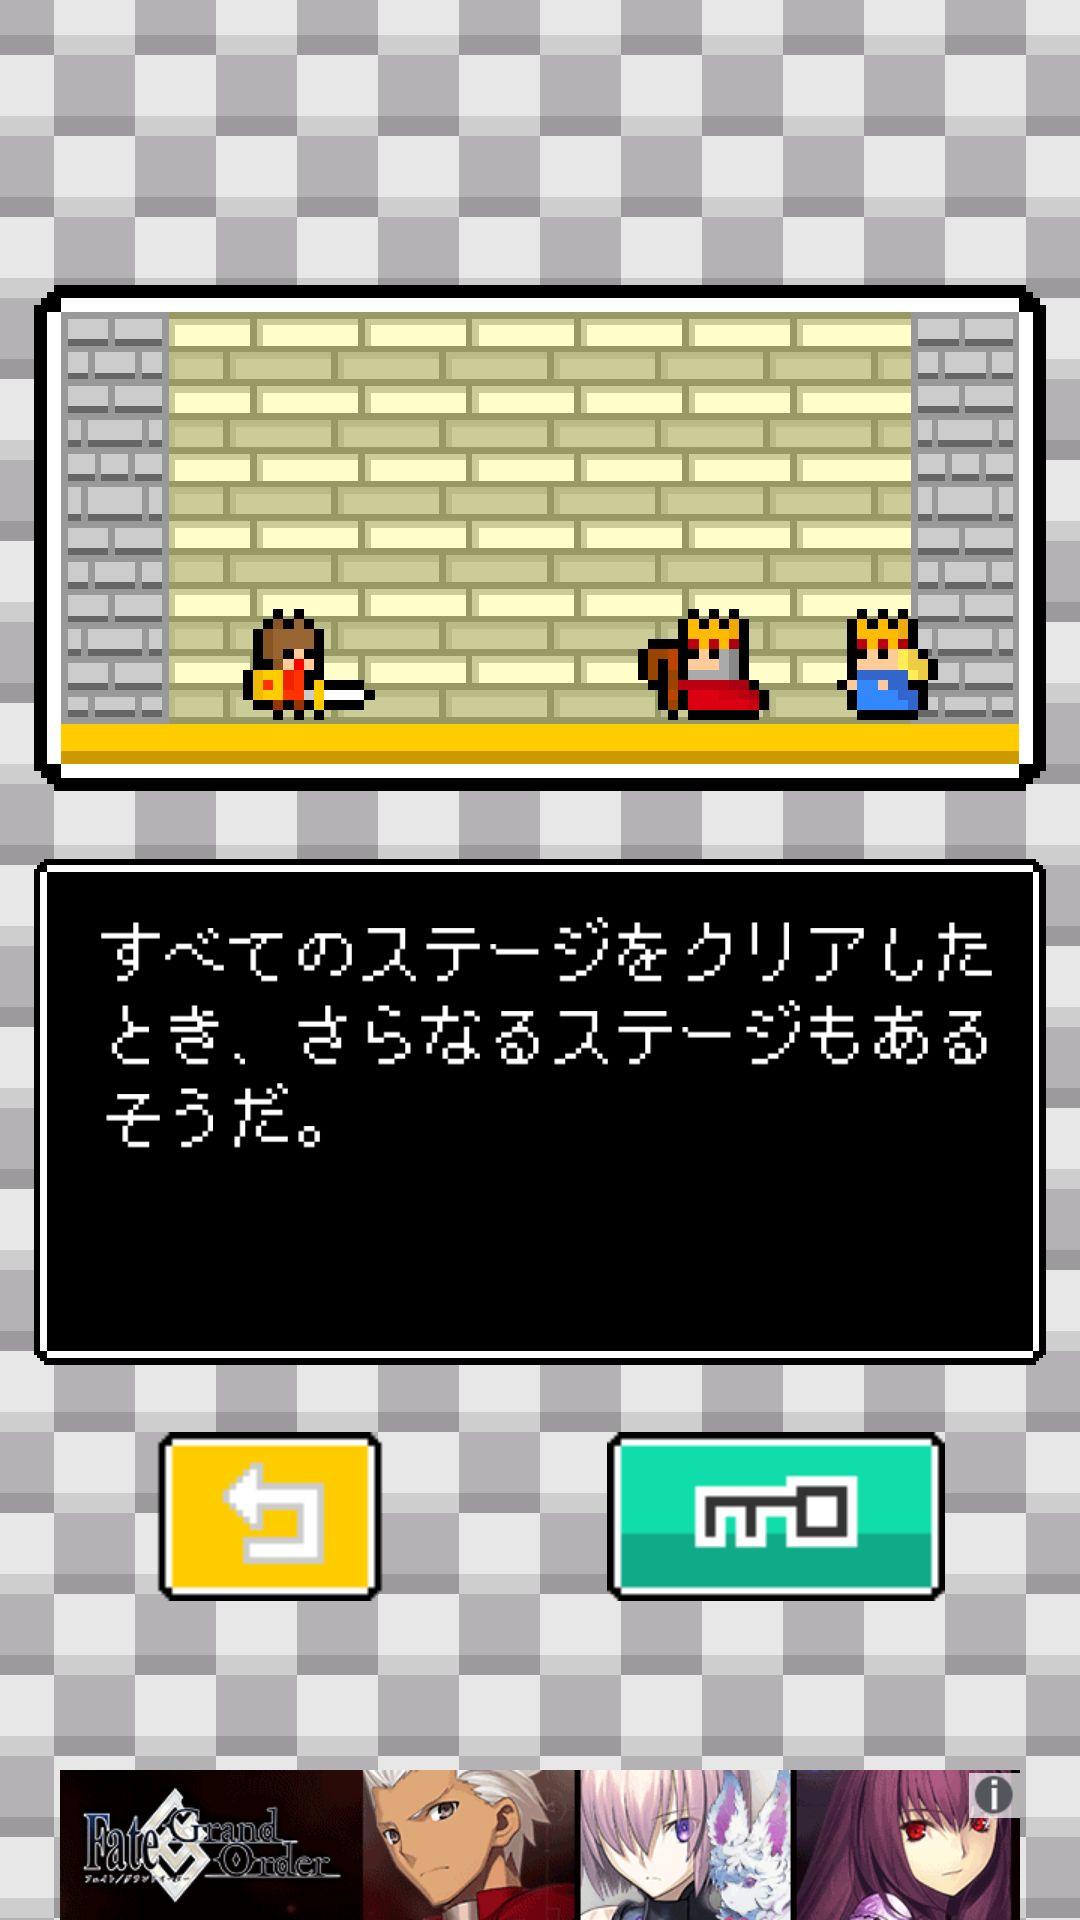 のらくらダイス androidアプリスクリーンショット2